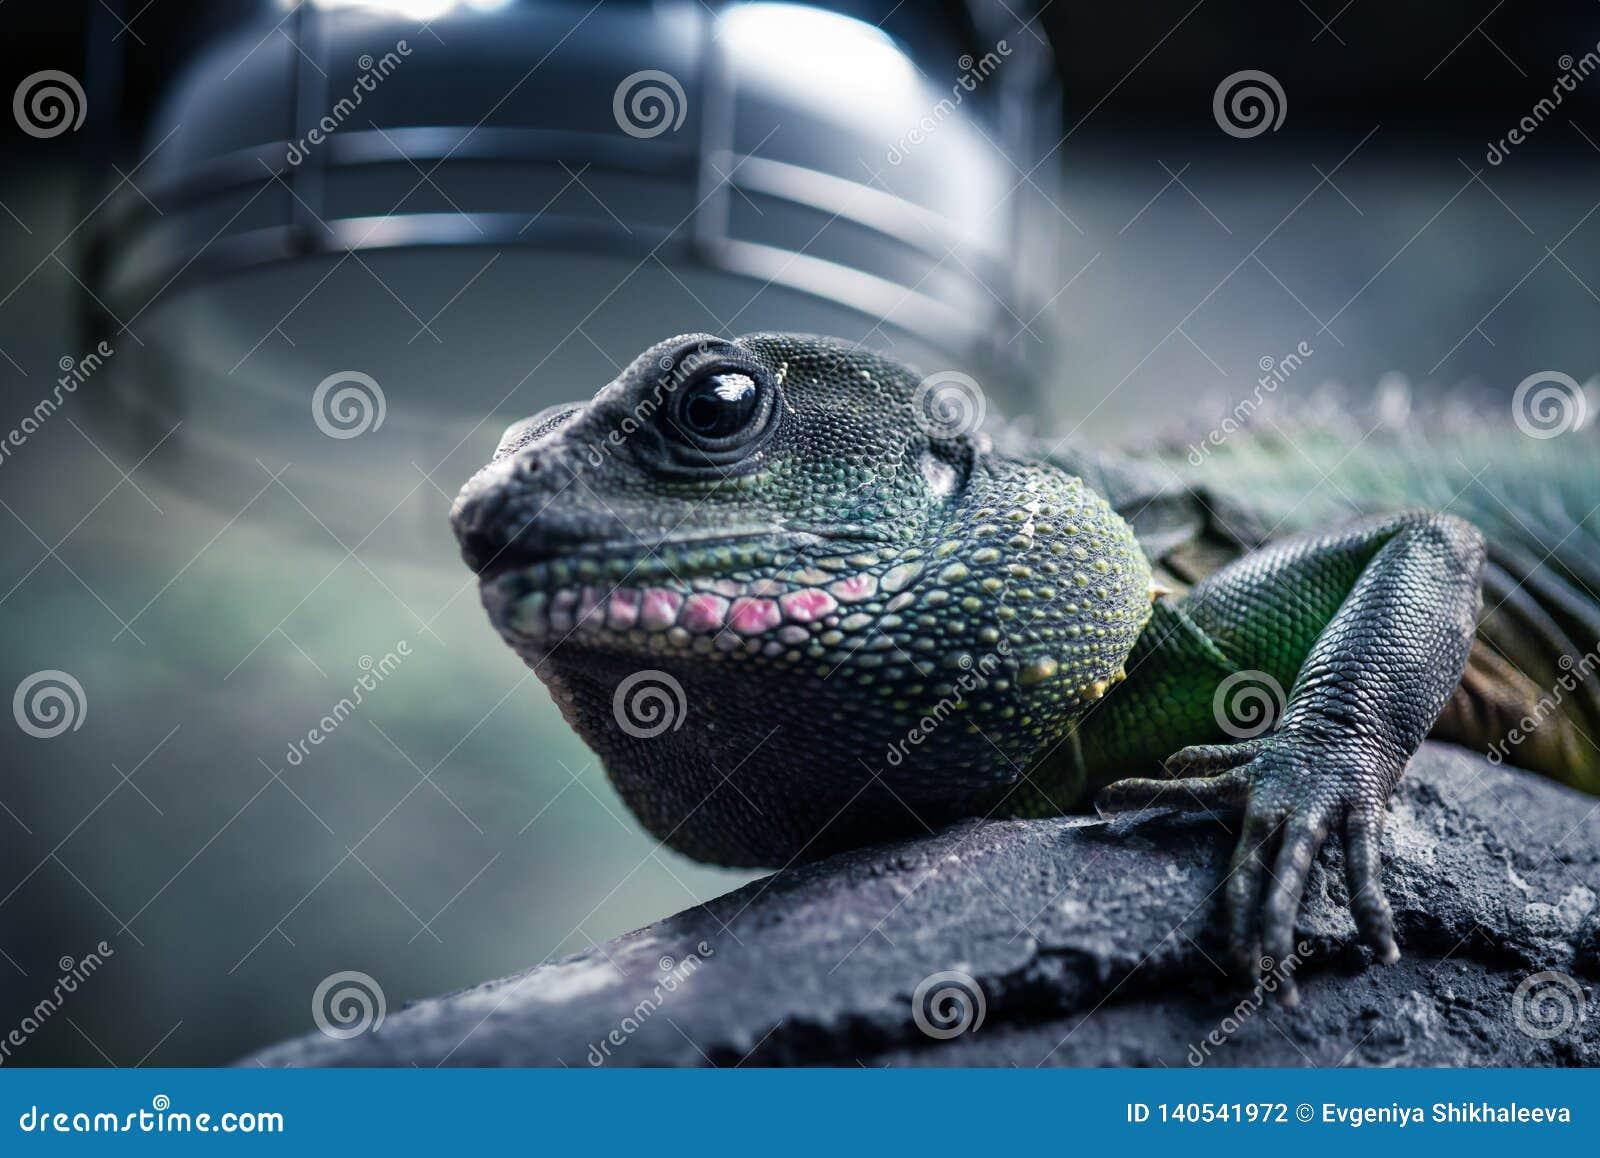 Красивая ящерица в своей окружающей среде